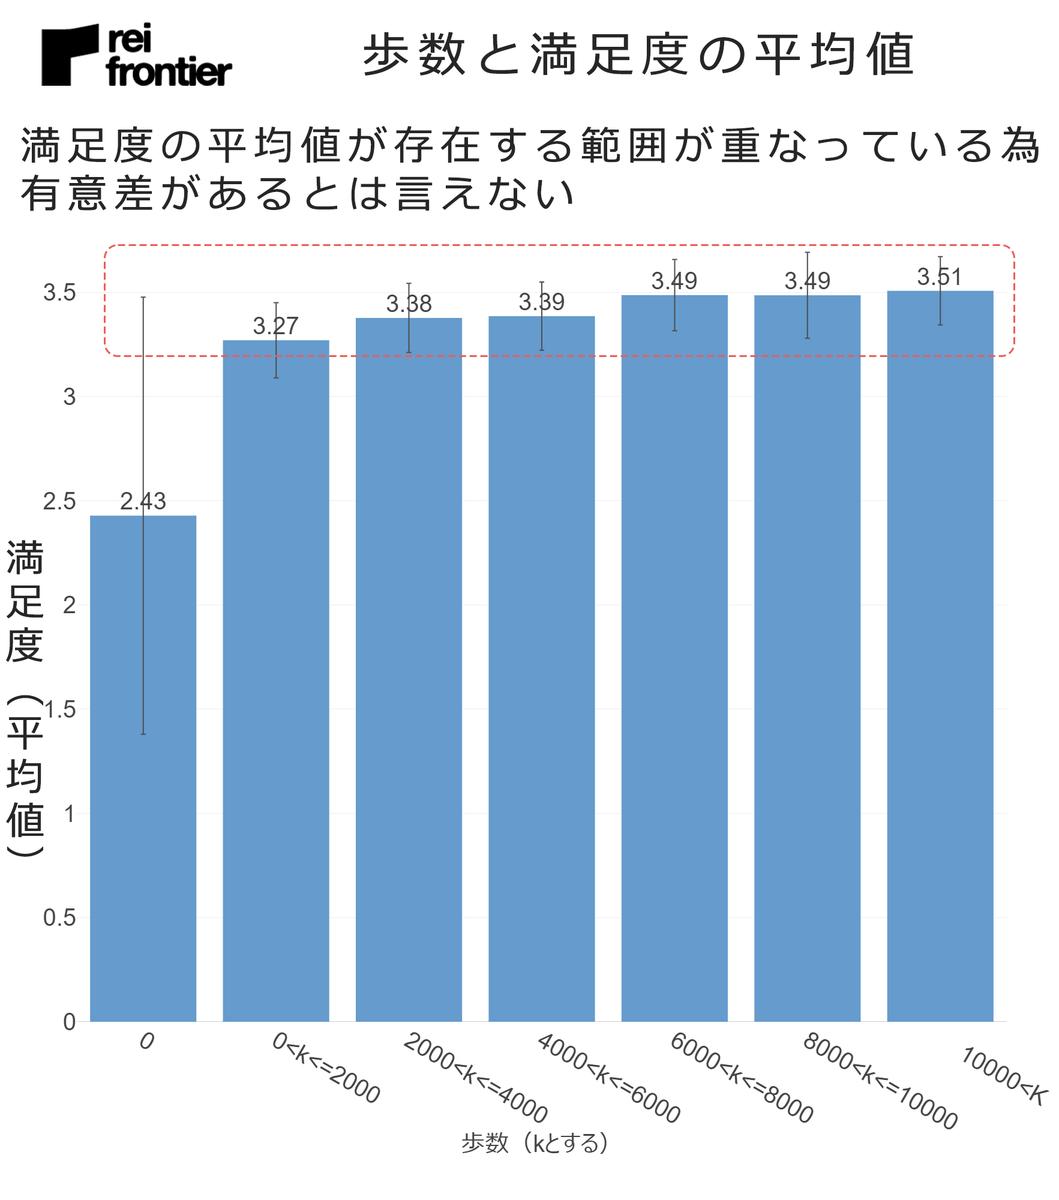 歩数と満足度の平均値